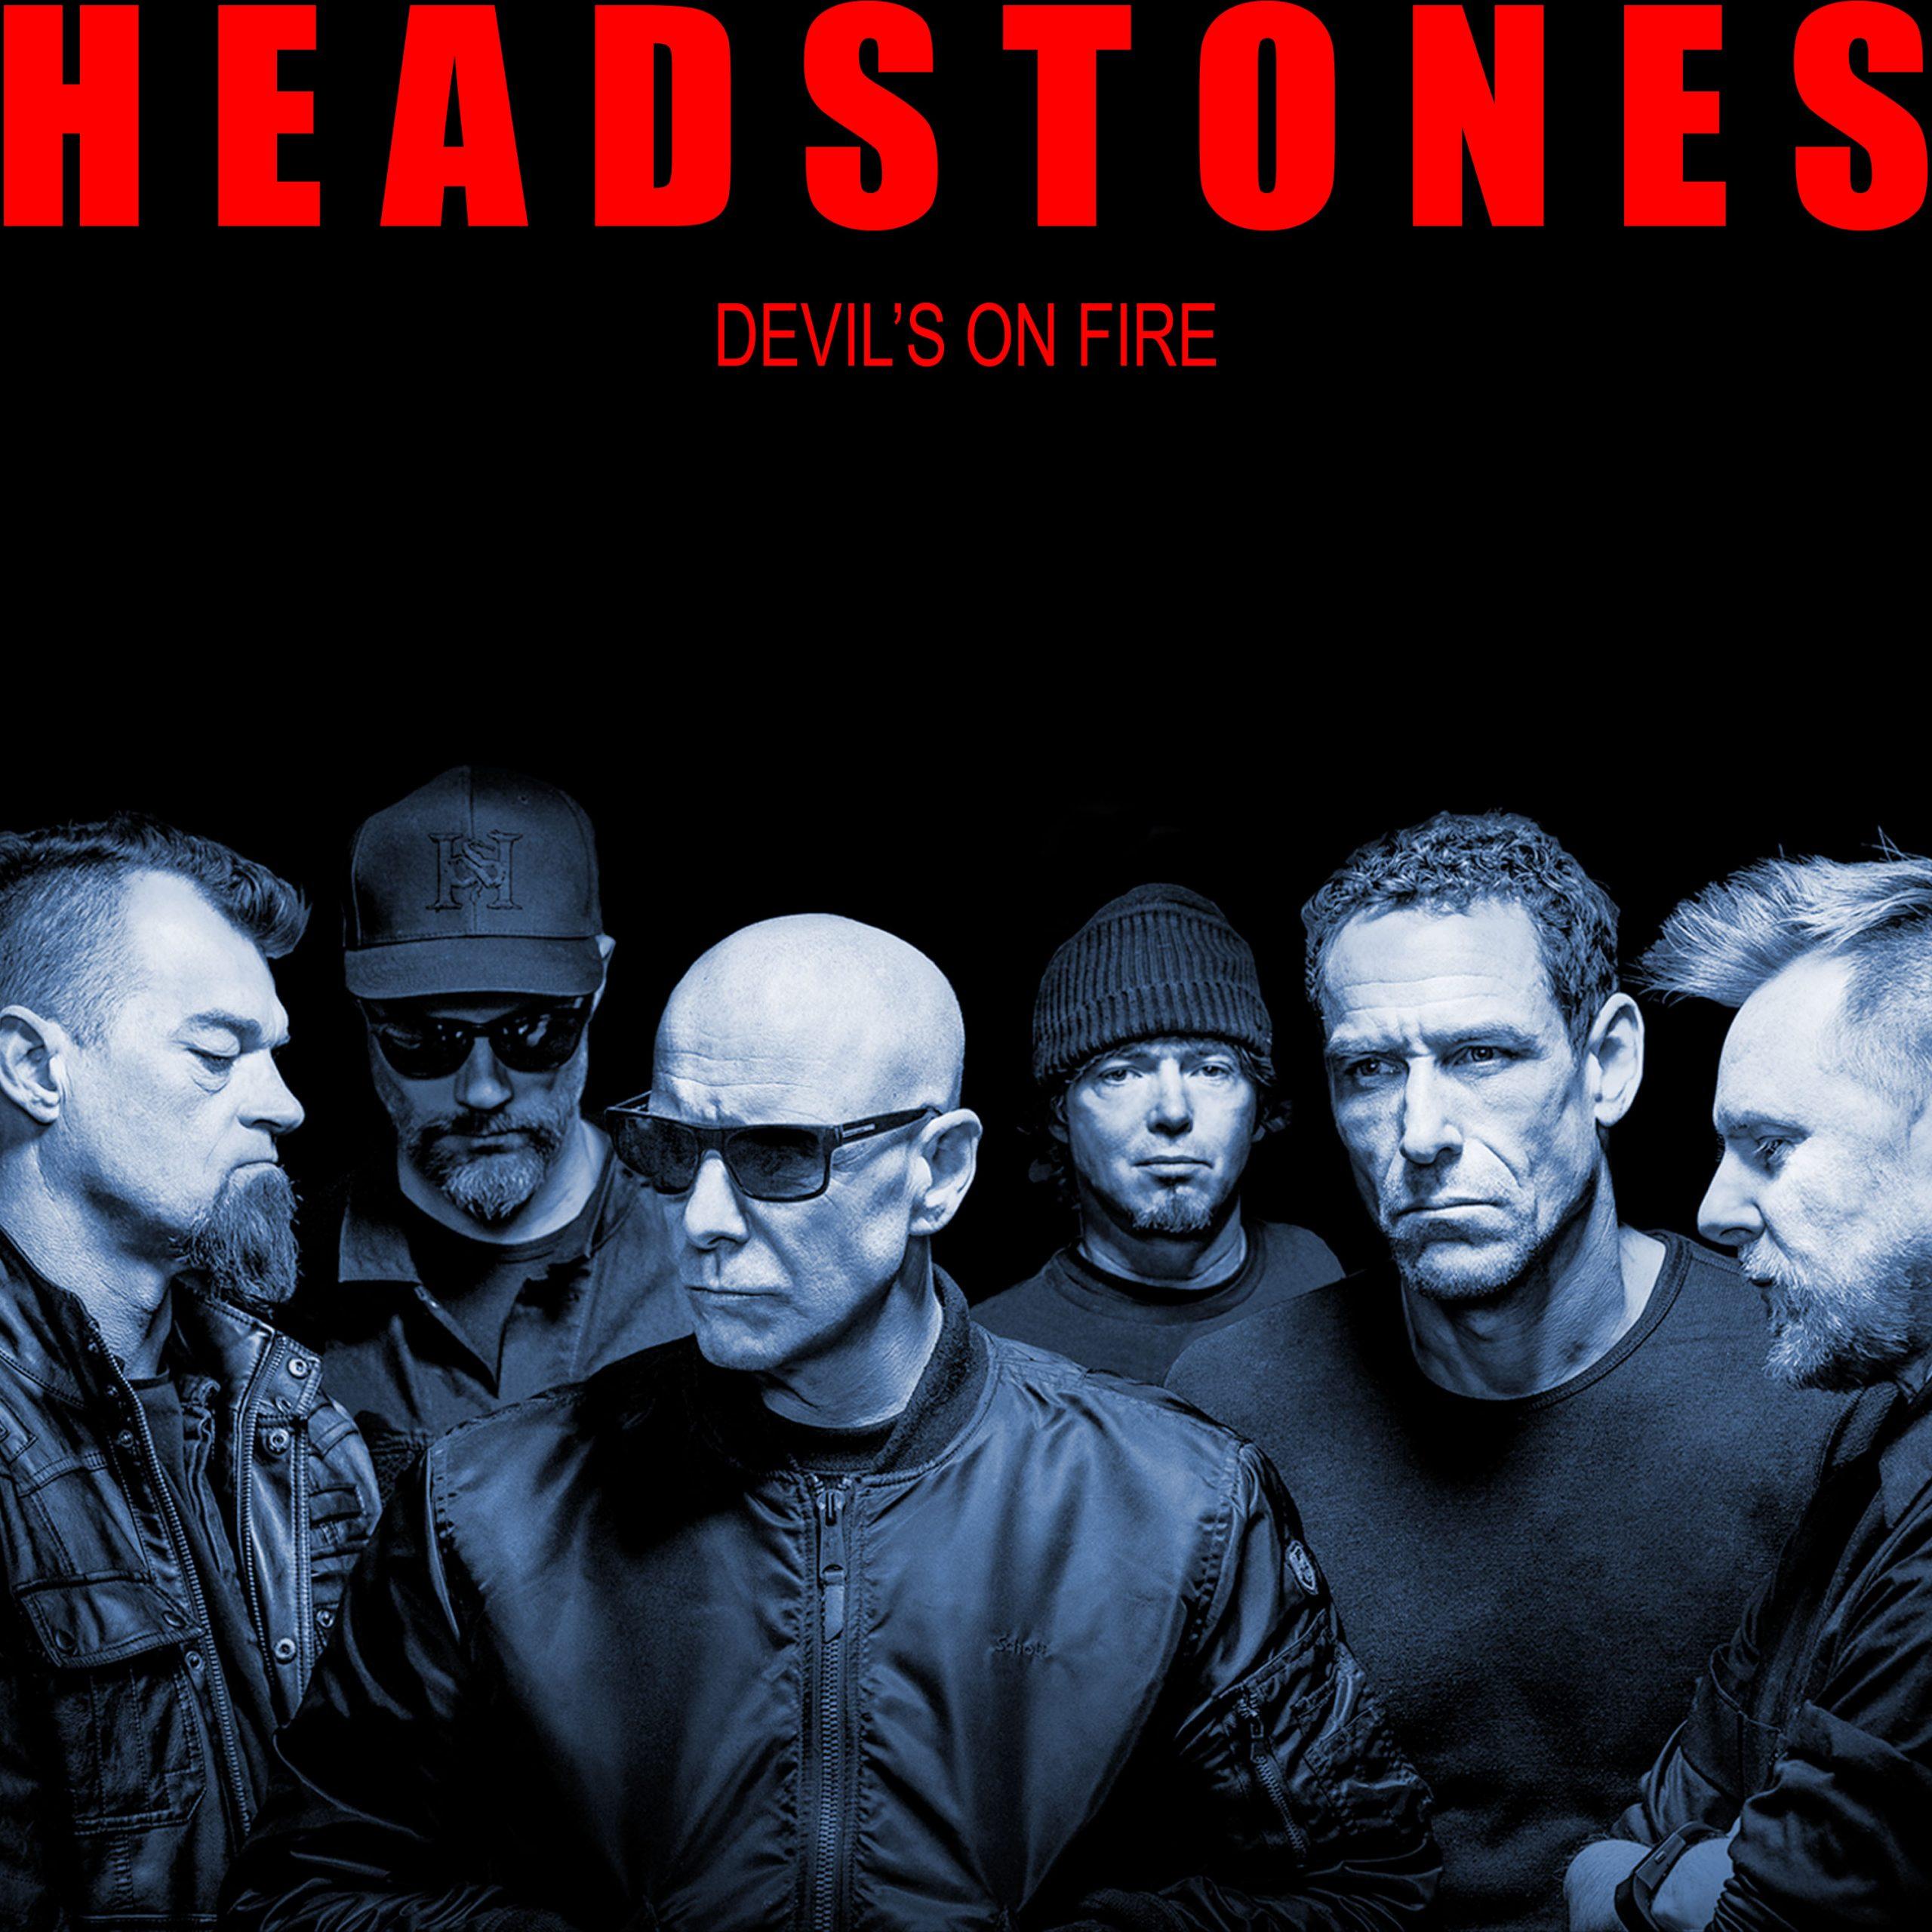 Headstones - Devil's On Fire